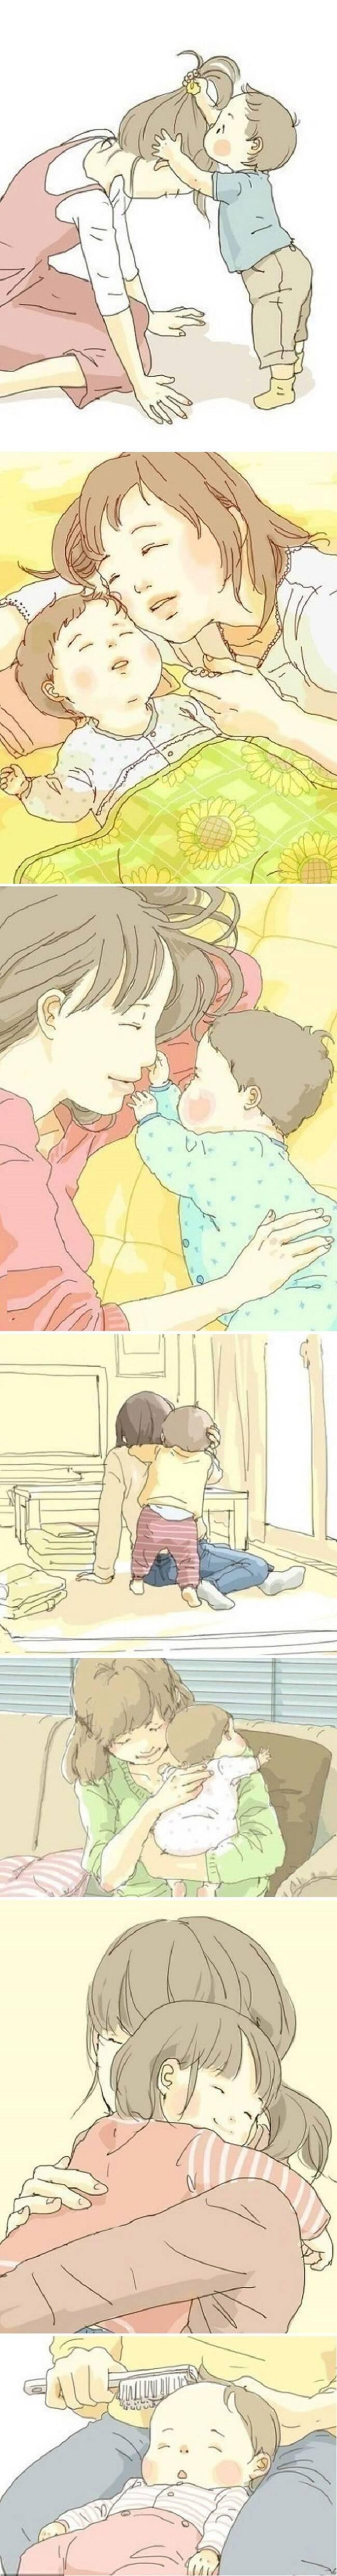 «Το καλύτερο πράγμα στο κόσμο θα ήταν όταν μεγαλώσω να είσαι και εσύ υγιής όπως και εγώ, μαμά» – Σ'αγαπώ μαμά 1